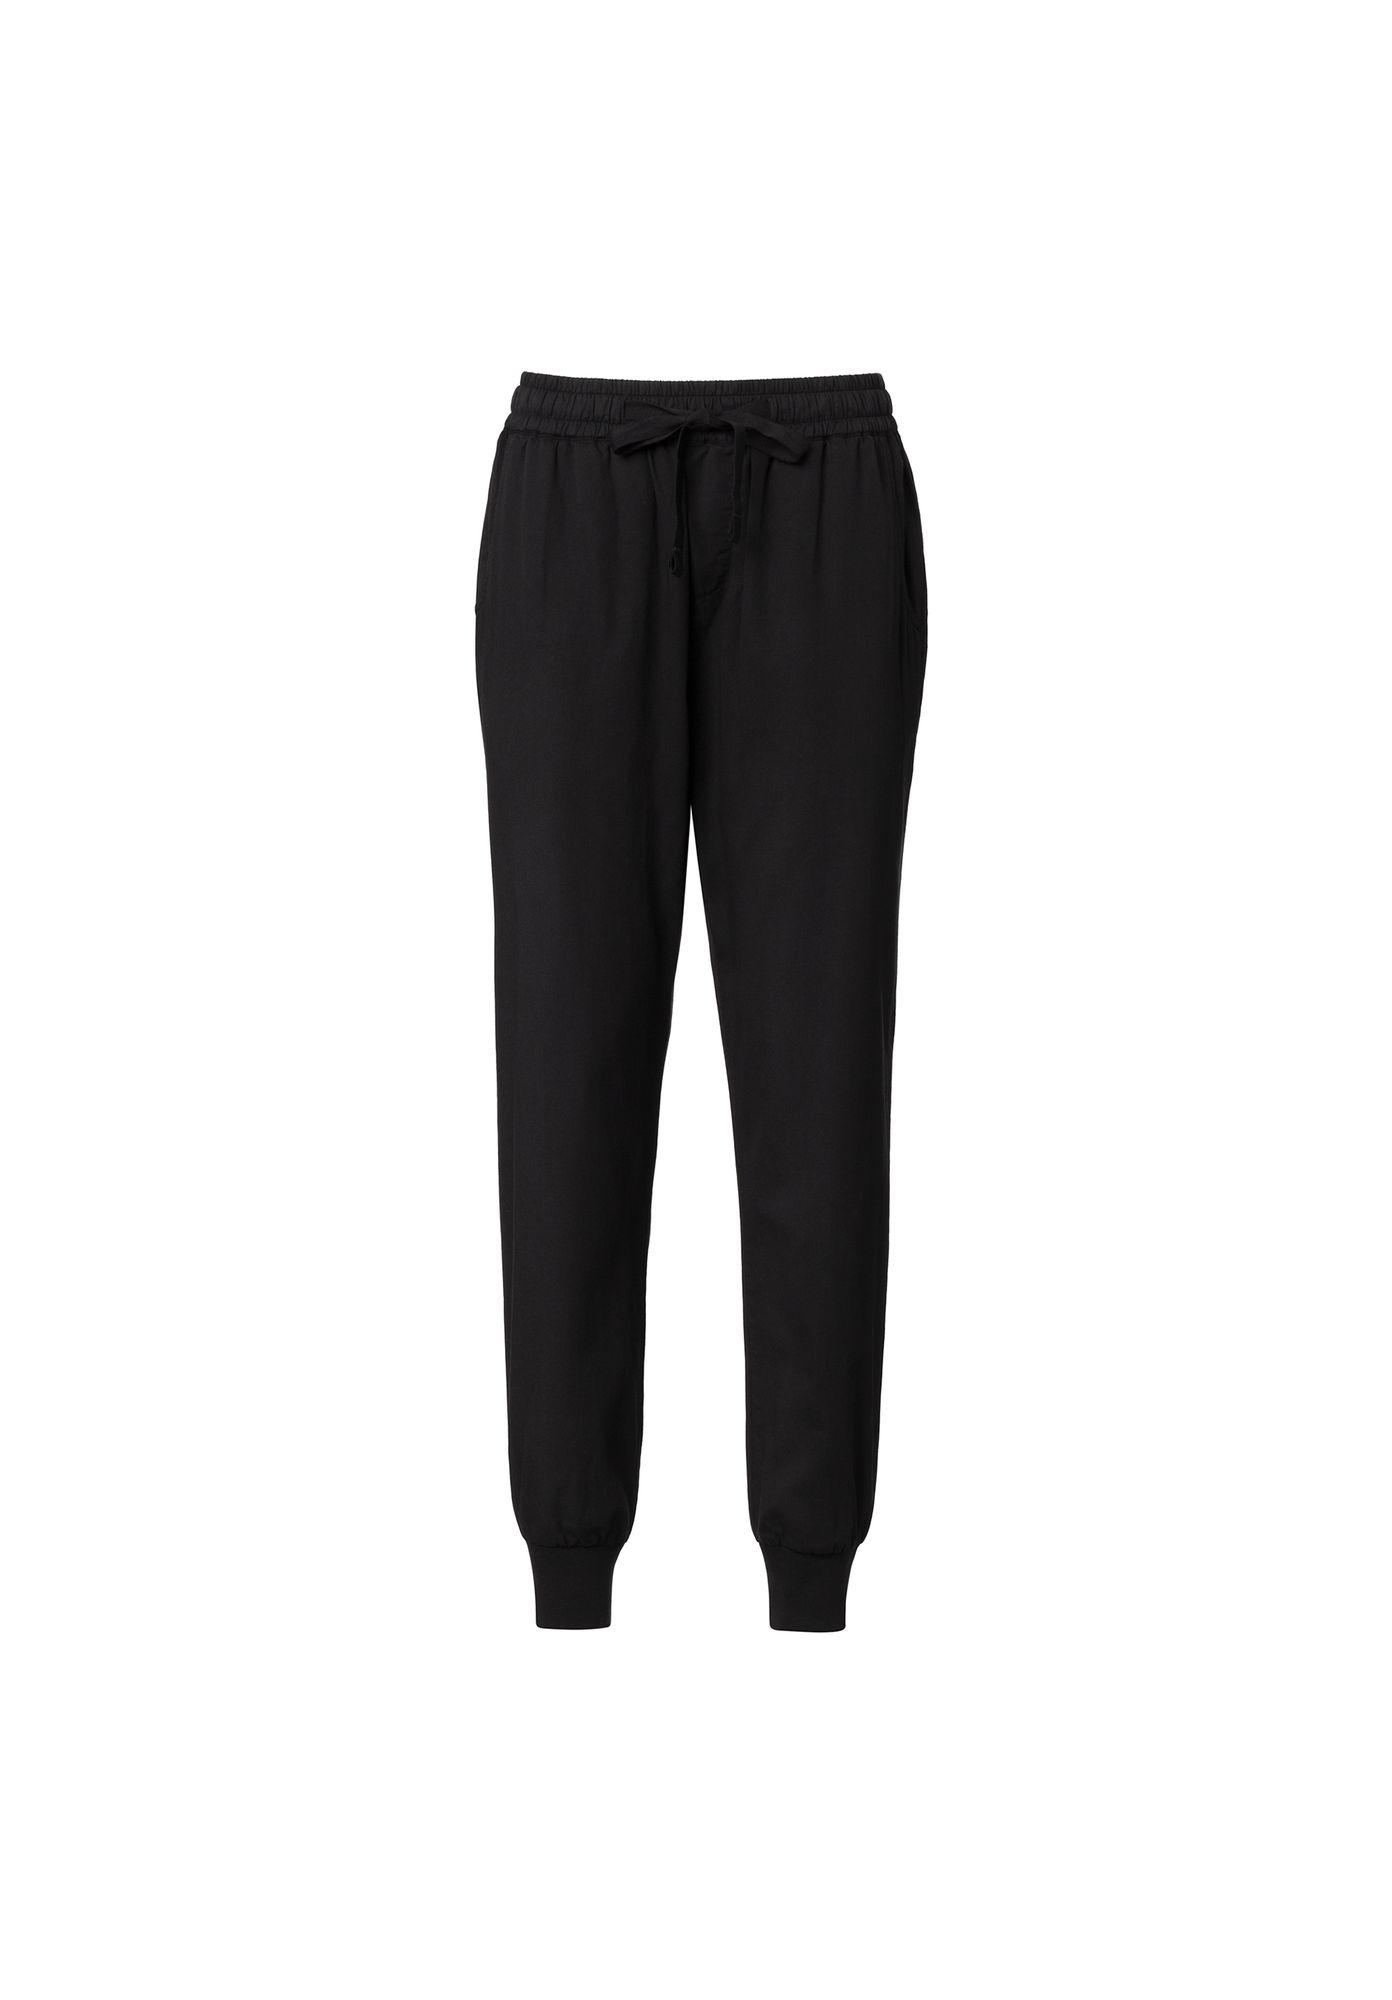 TT38 Summer Pants Black